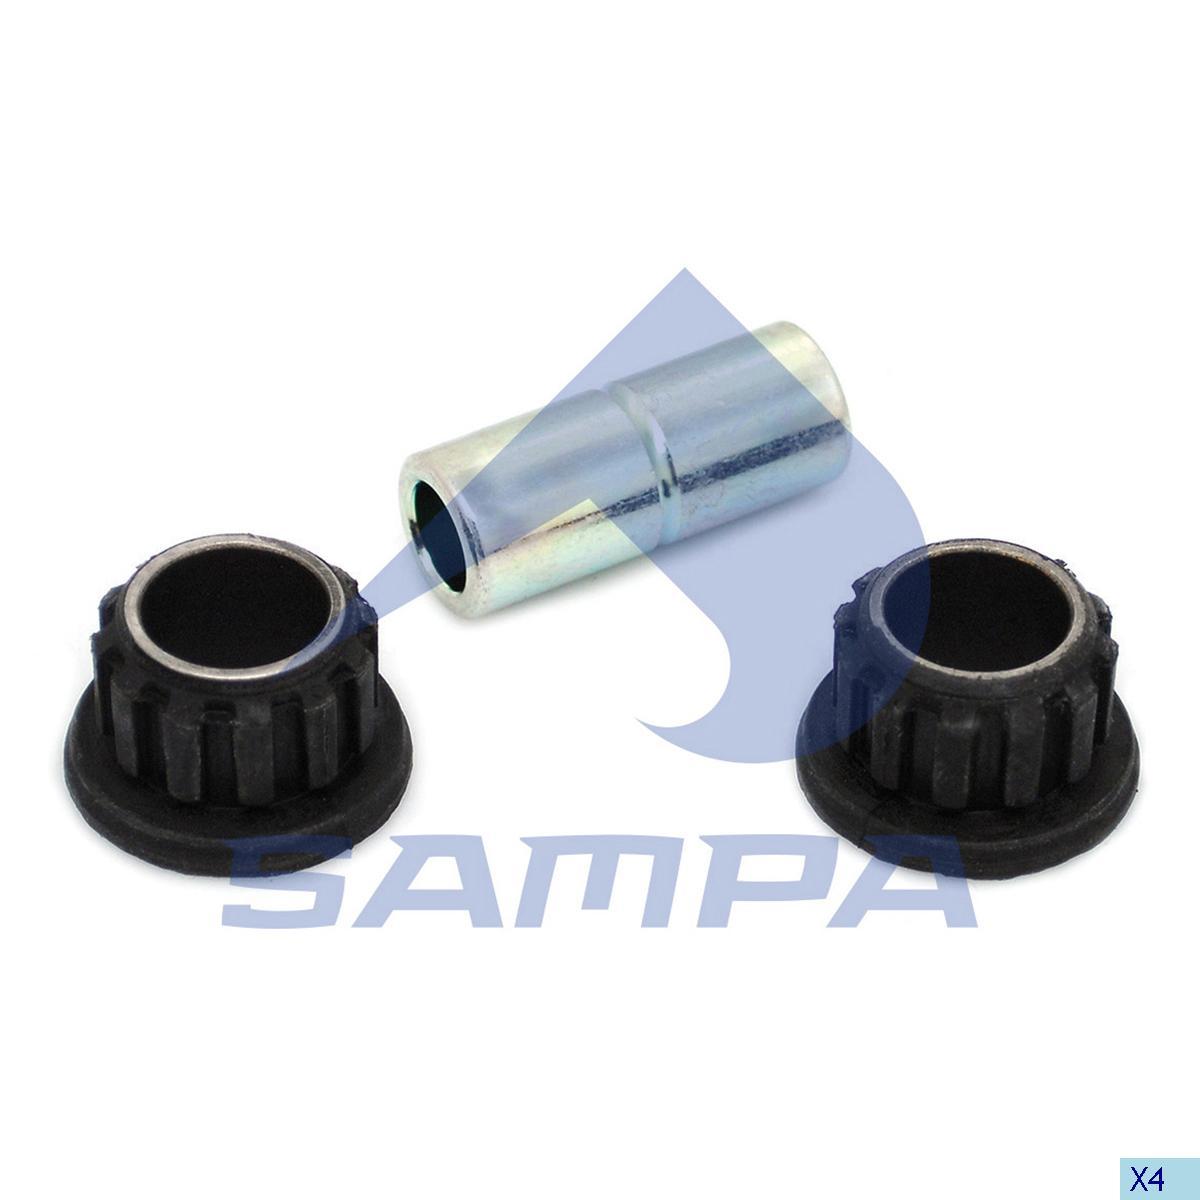 Repair Kit, Gear Shift, Mercedes, Gear Box